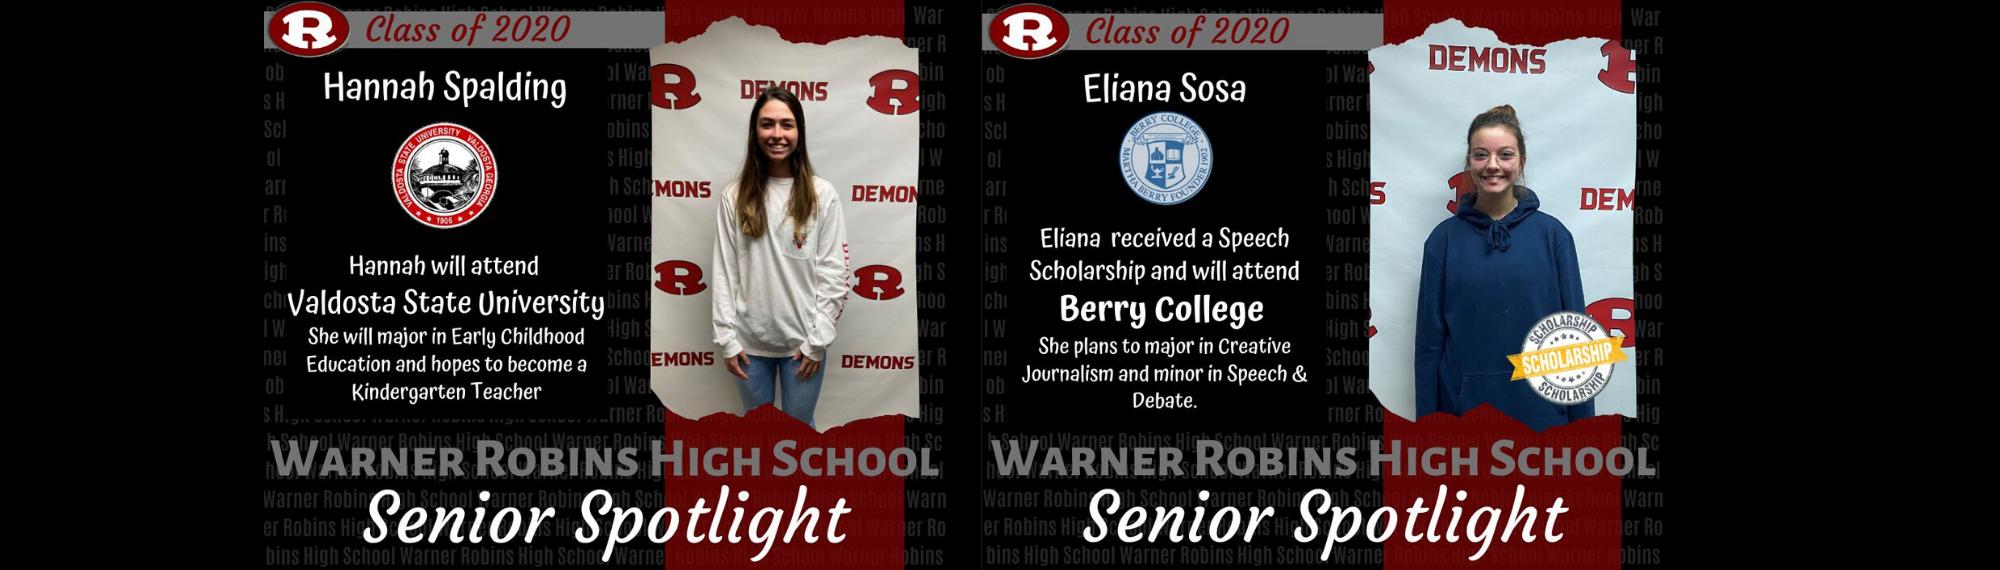 Senior Spotlight 4